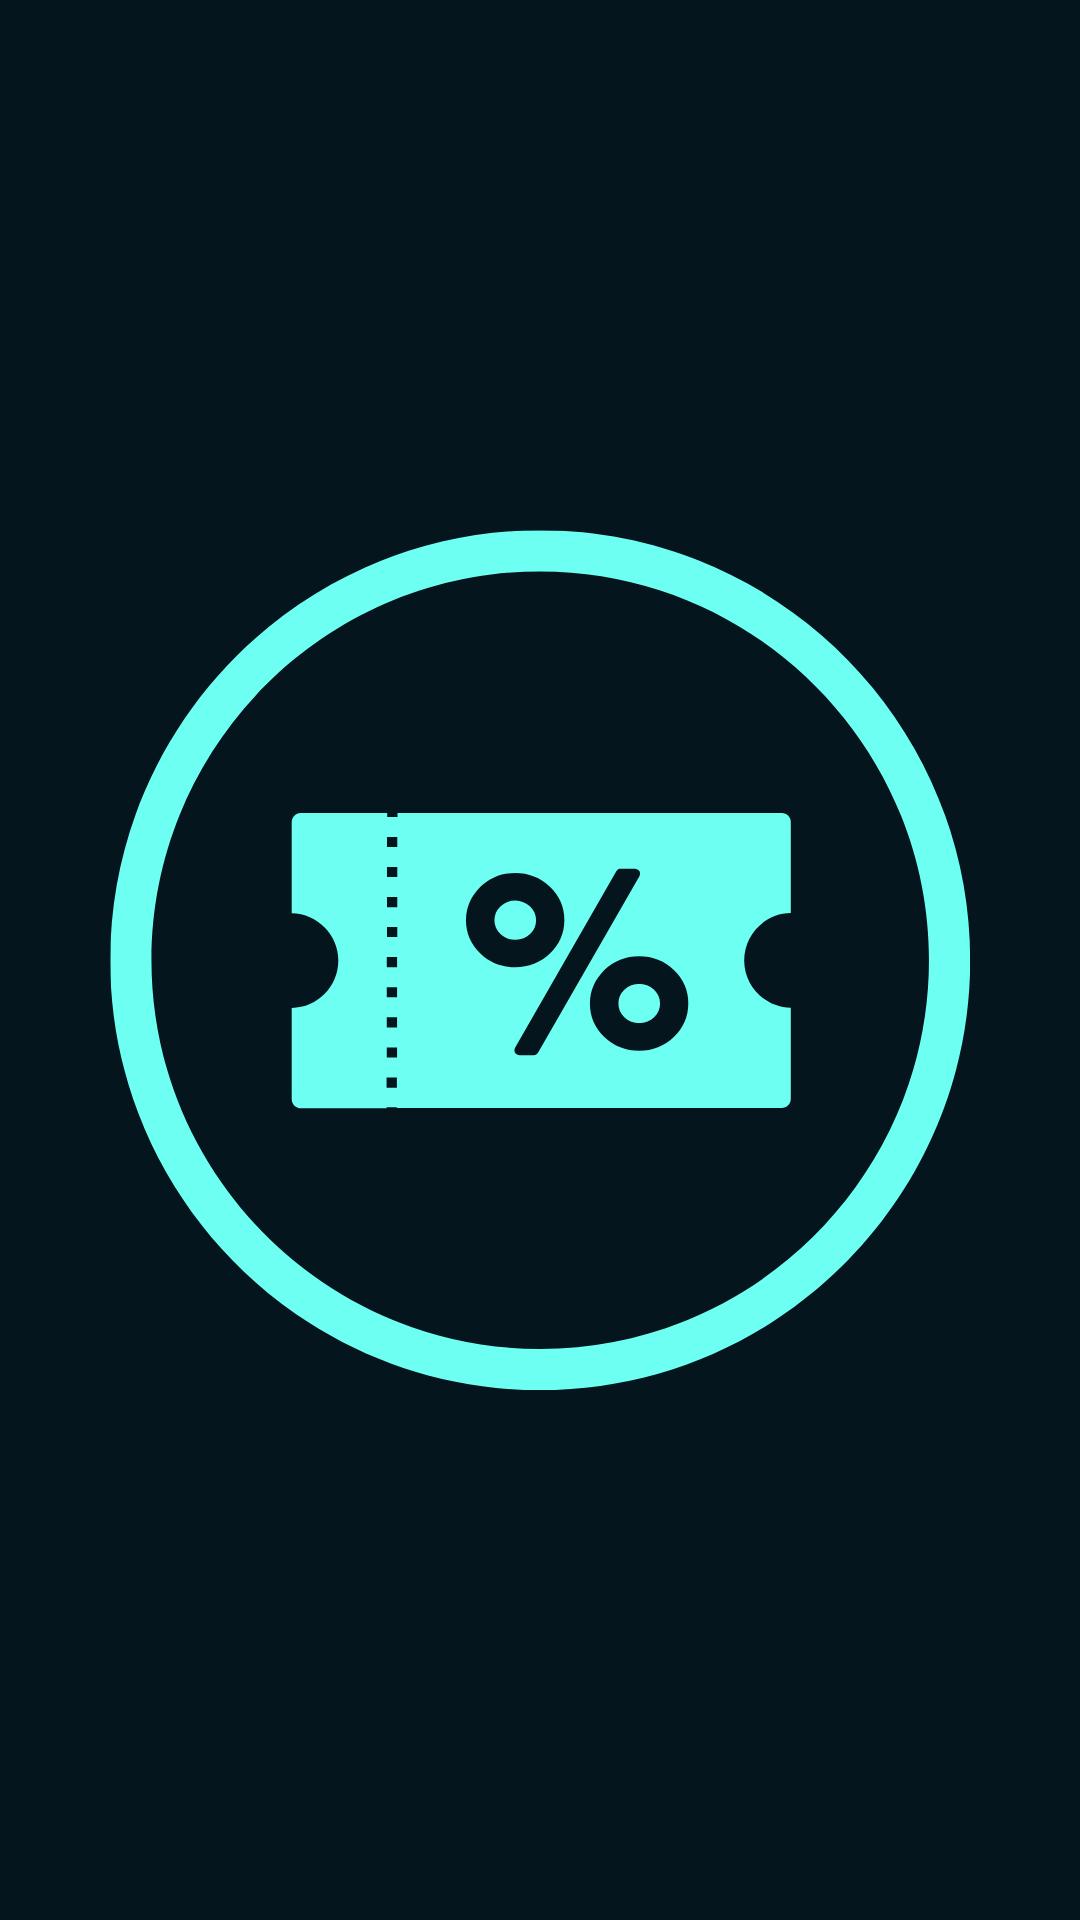 Шаблон для актуального со знаком процента